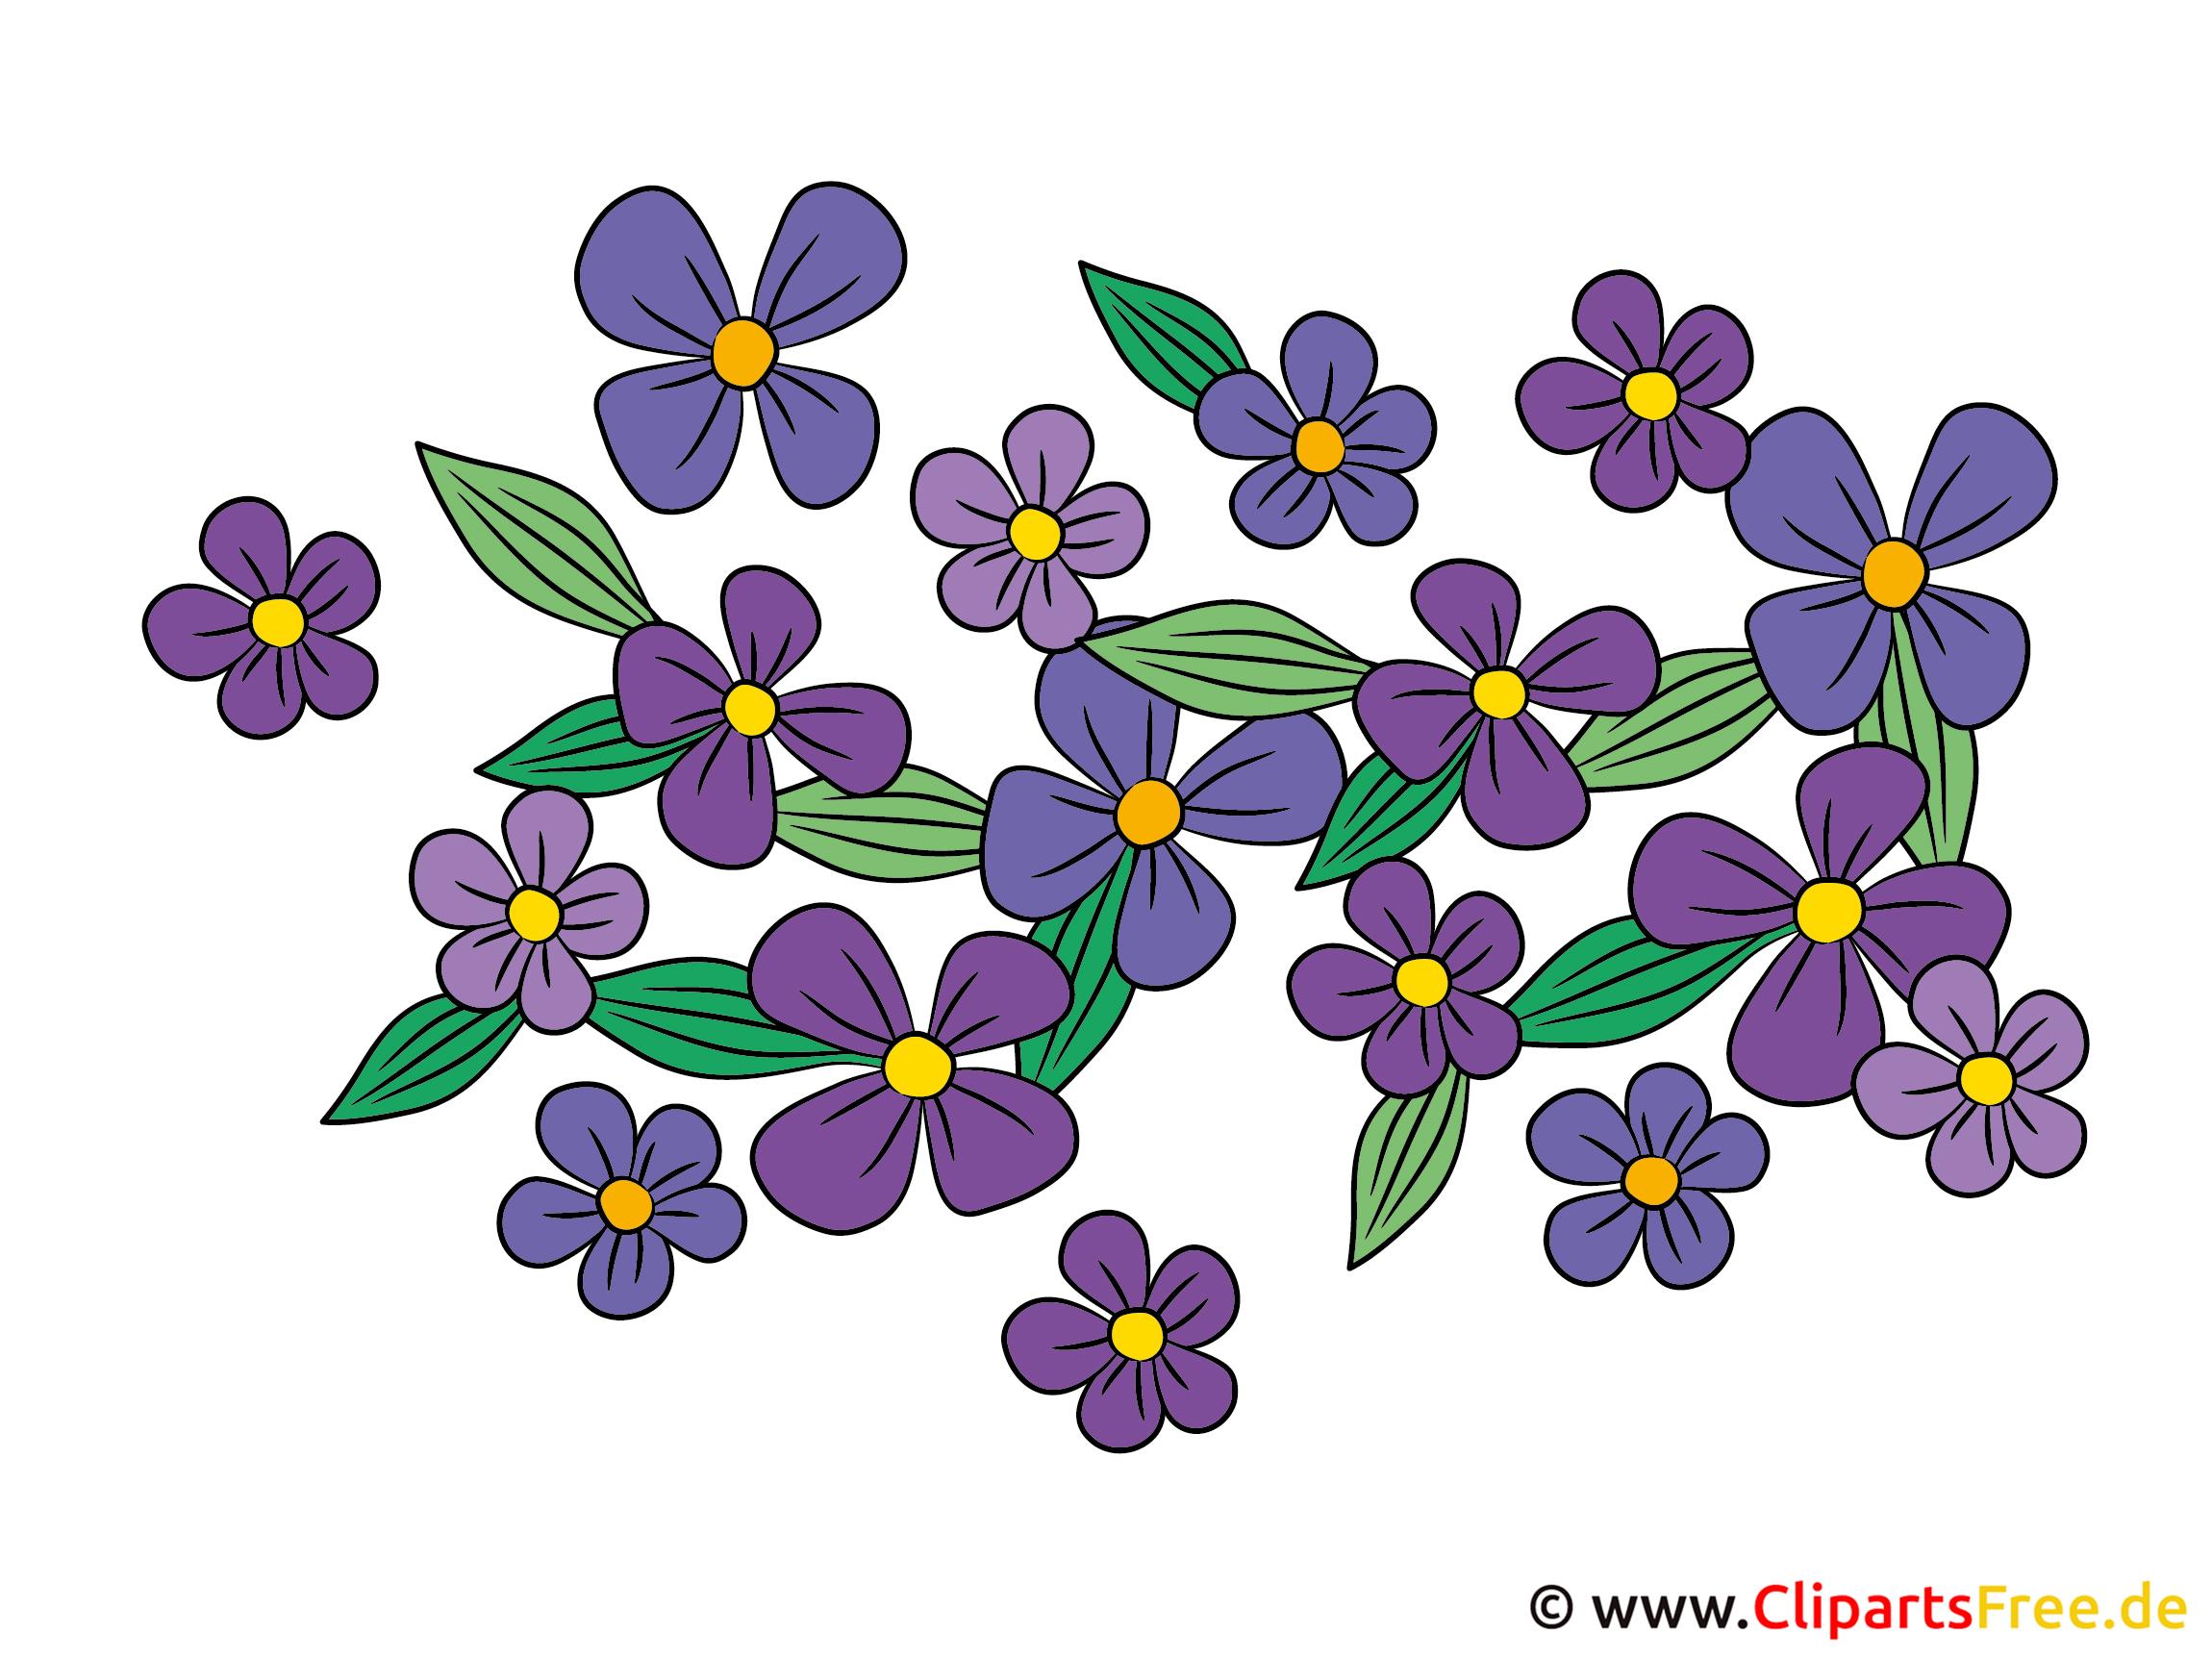 Wütende Clipart Von Blumen » ibus.aerosi.space.